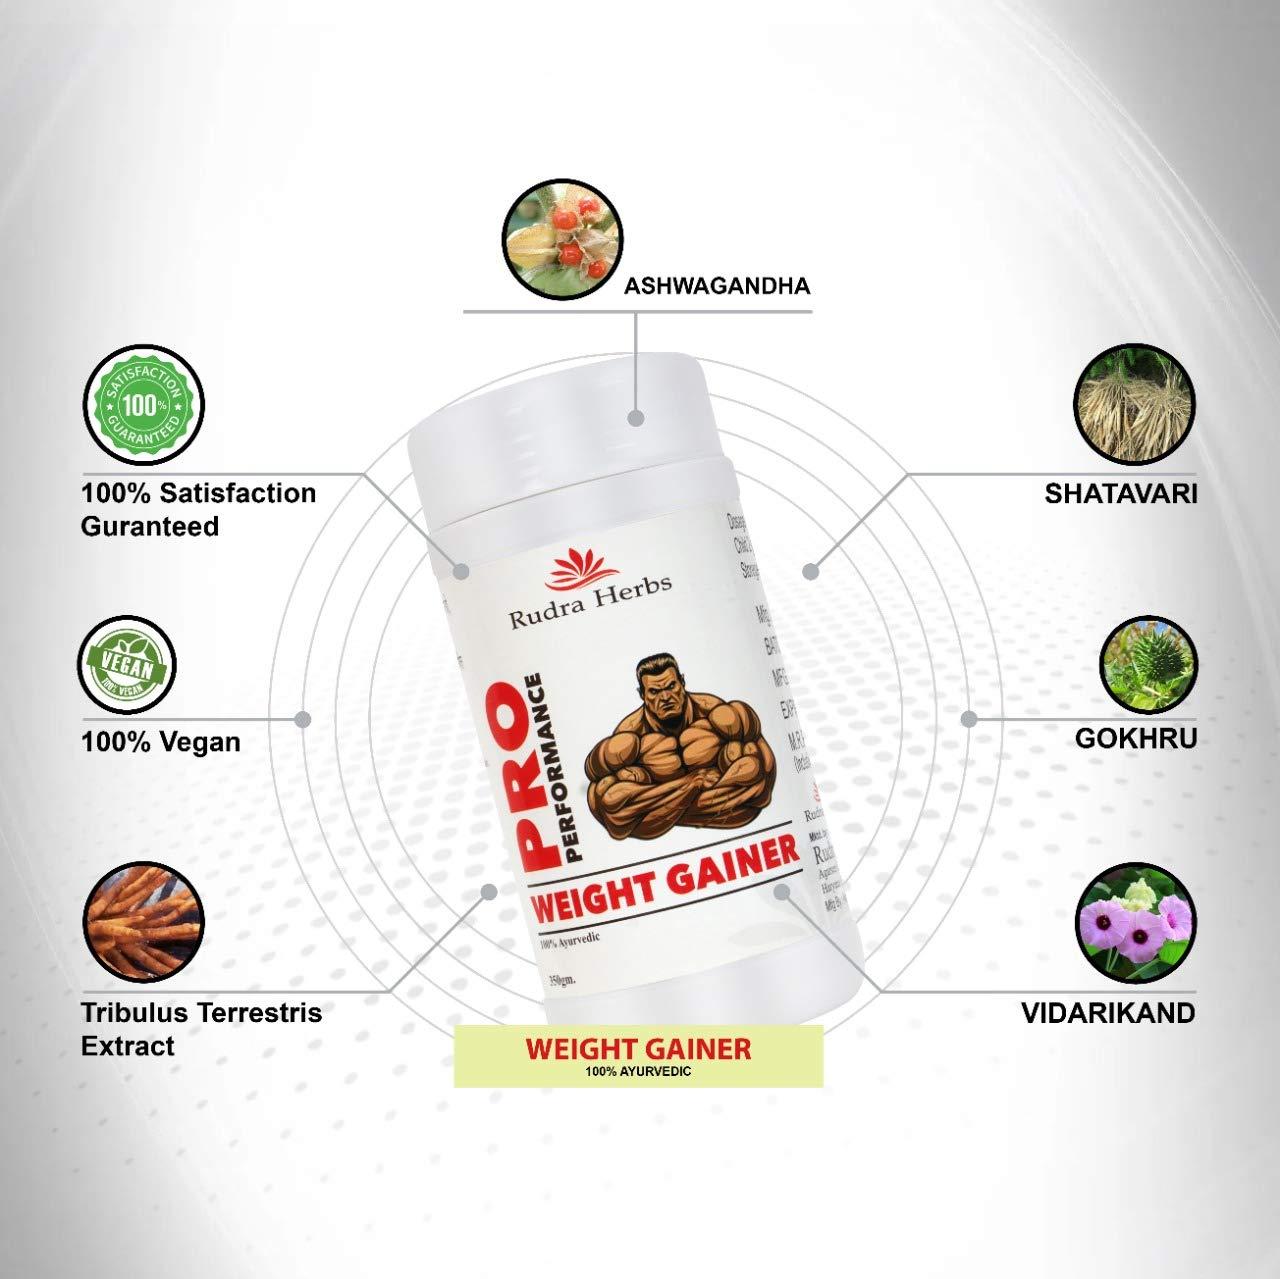 Rudra herbs ayurvedic weight gainer